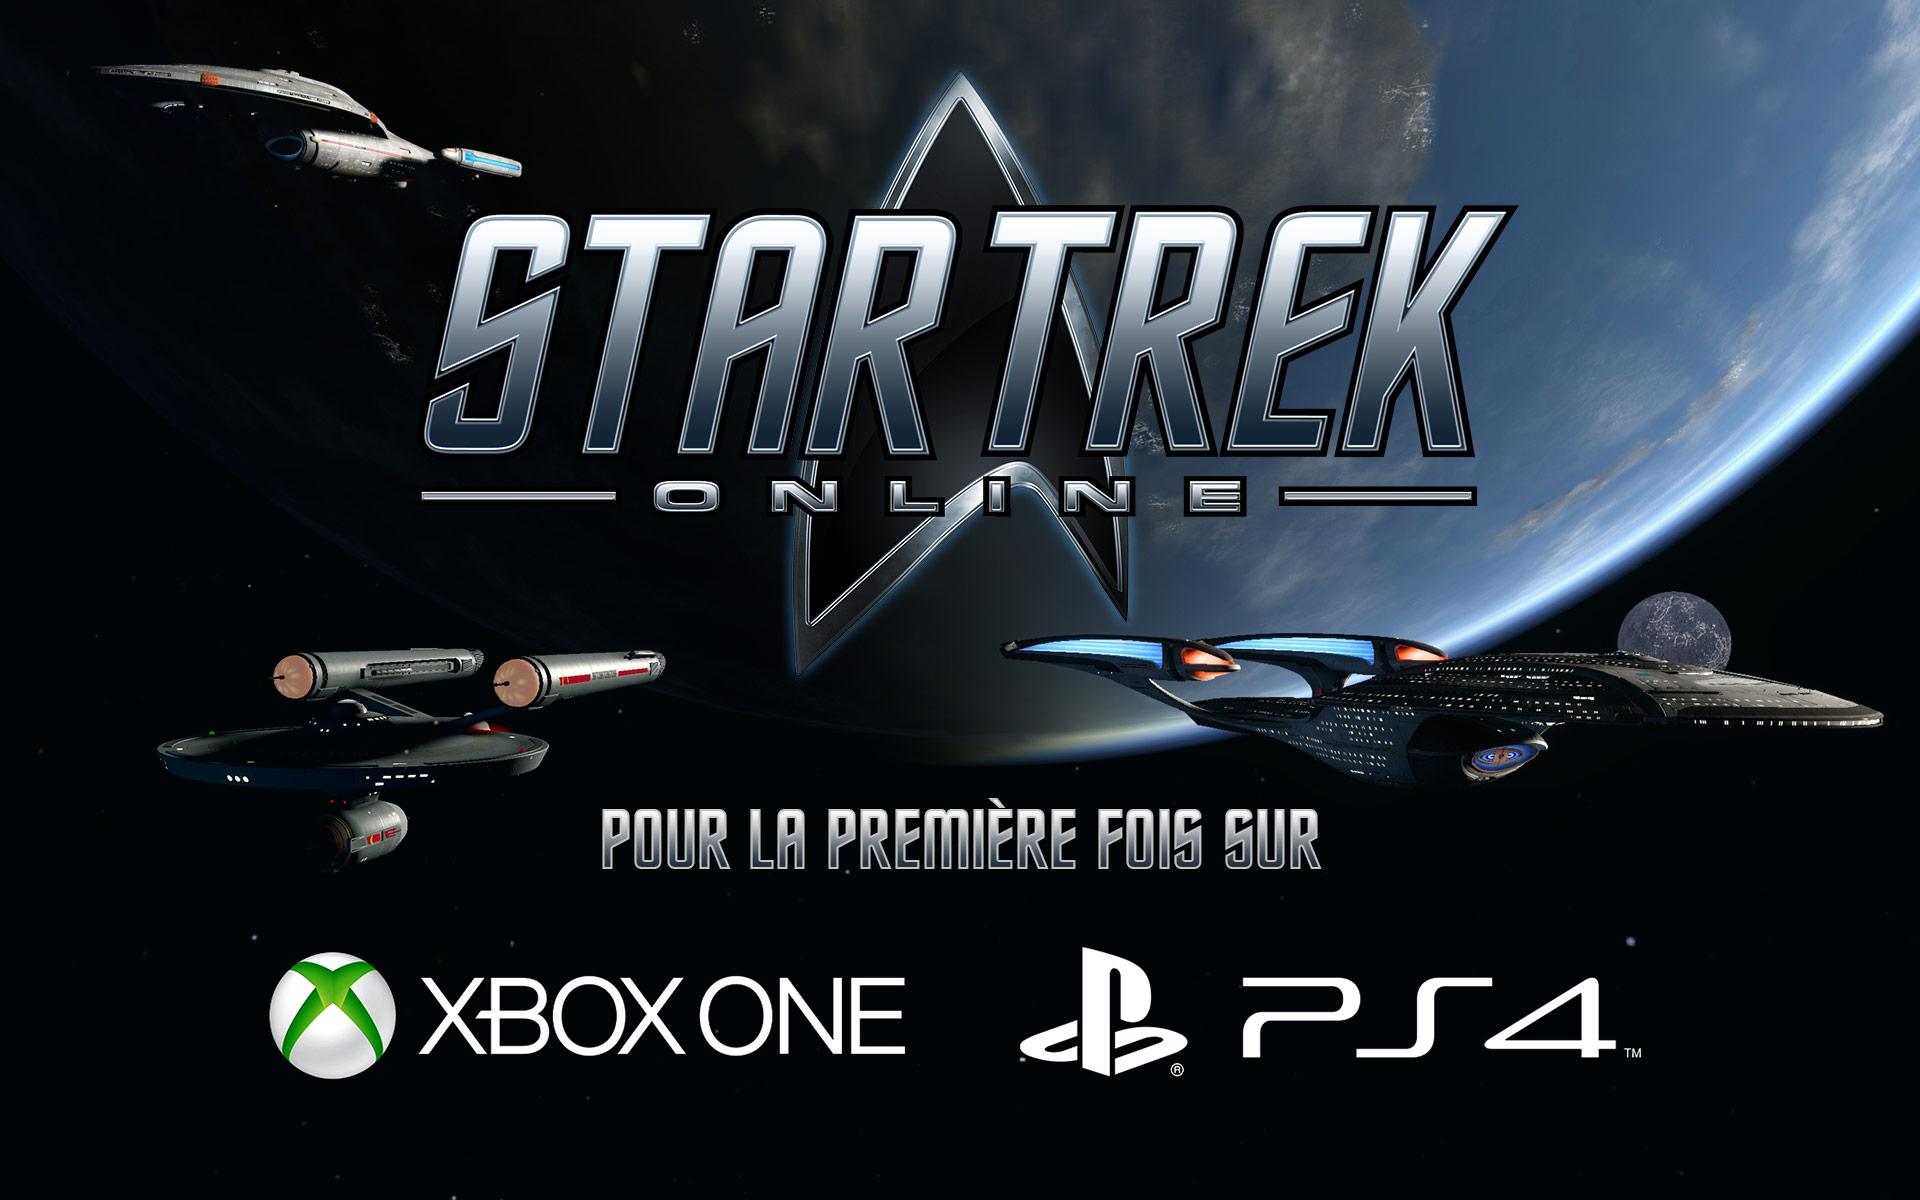 Sto sur consoles en automne - Star trek online console ...